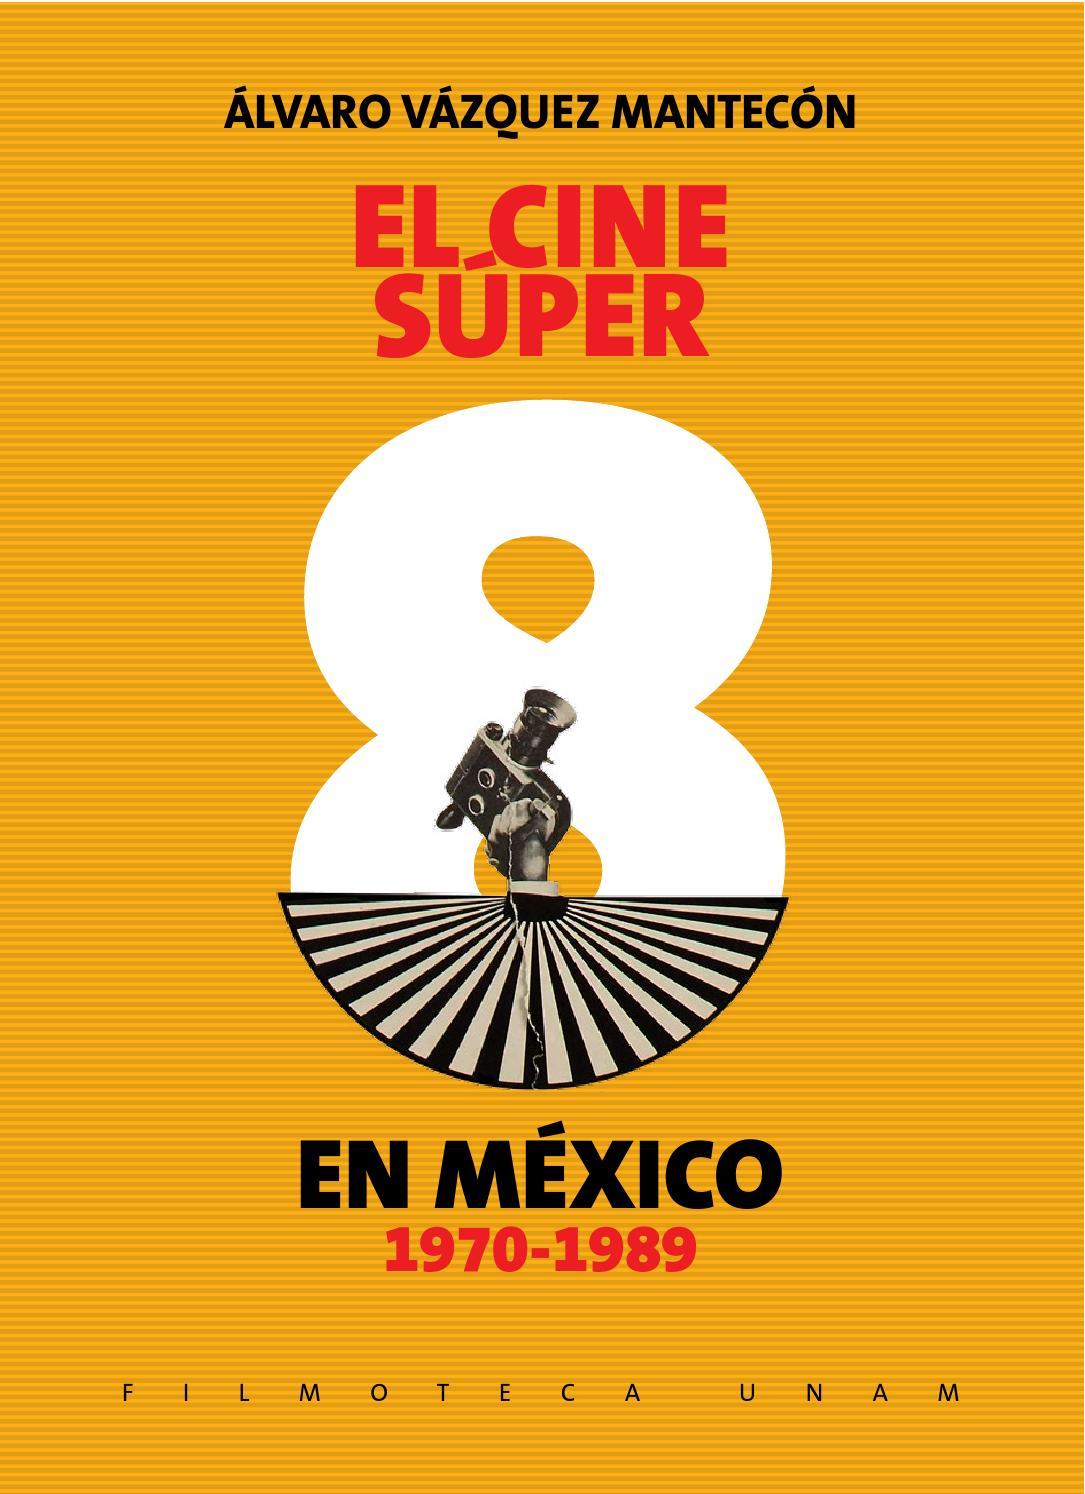 Peliculas porno de 1970 El Cine Super 8 En Mexico 1970 1989 By Filmotecaunam Issuu